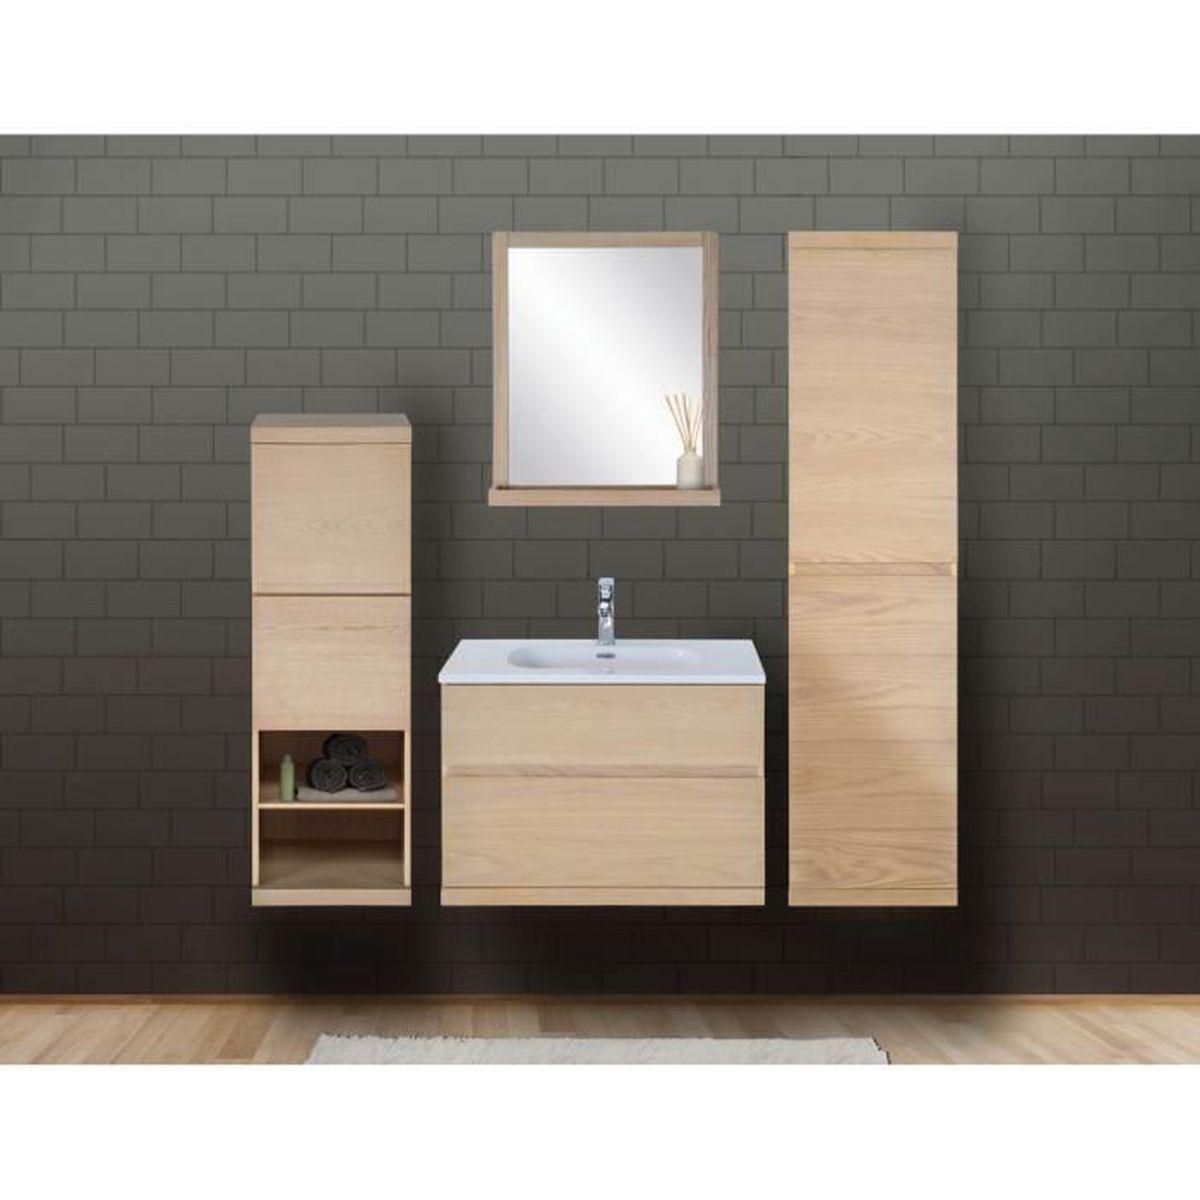 Tablette Salle De Bain 80 Cm ensemble meuble salle de bain avec vasque 80 cm colonne